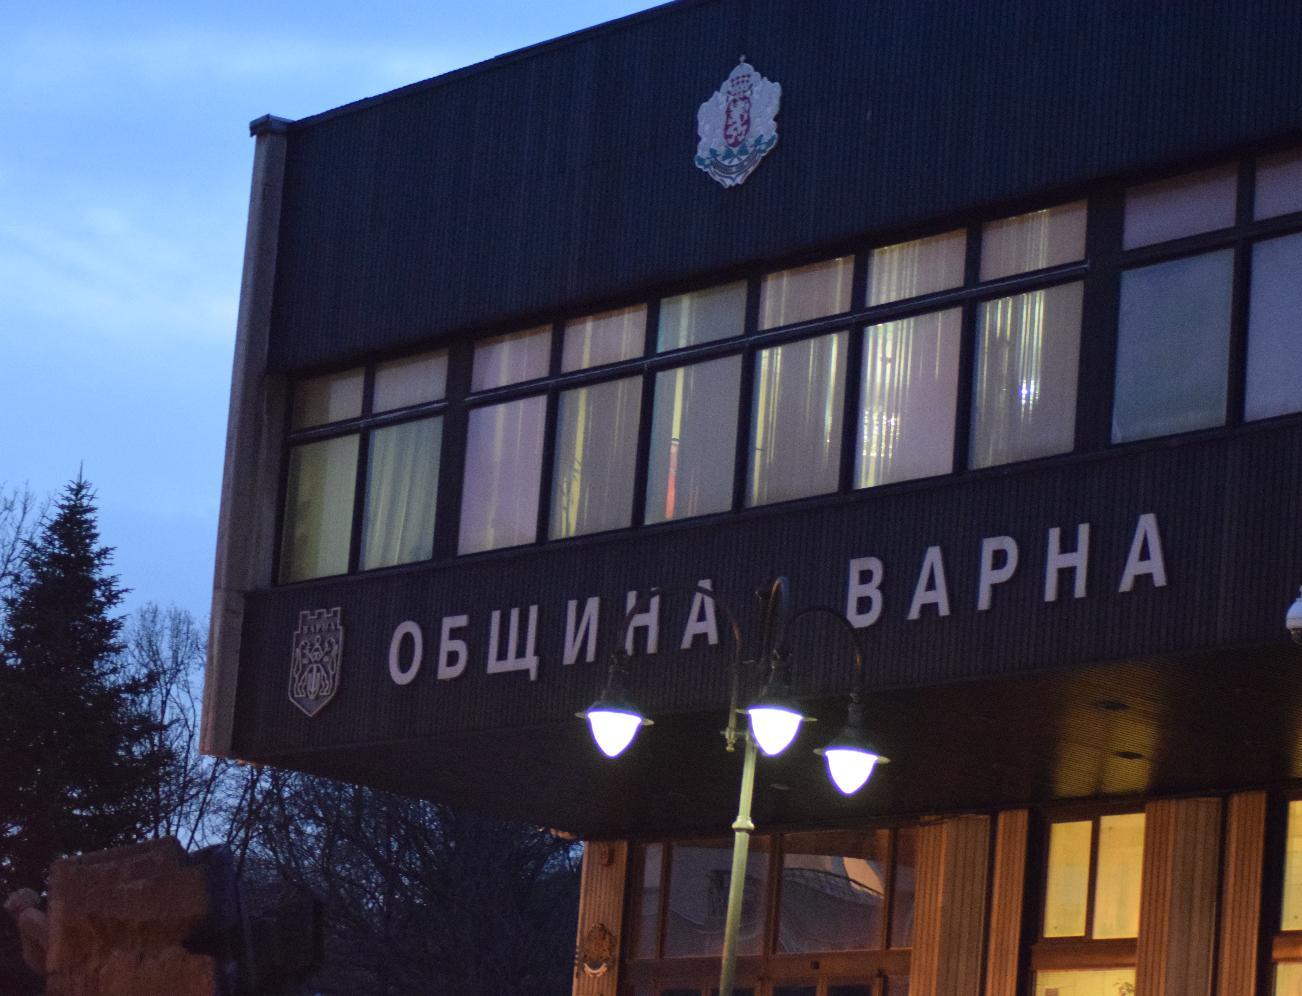 1610 граждани са ползвали електронните услуги за данъци на Община Варна през 2019 г